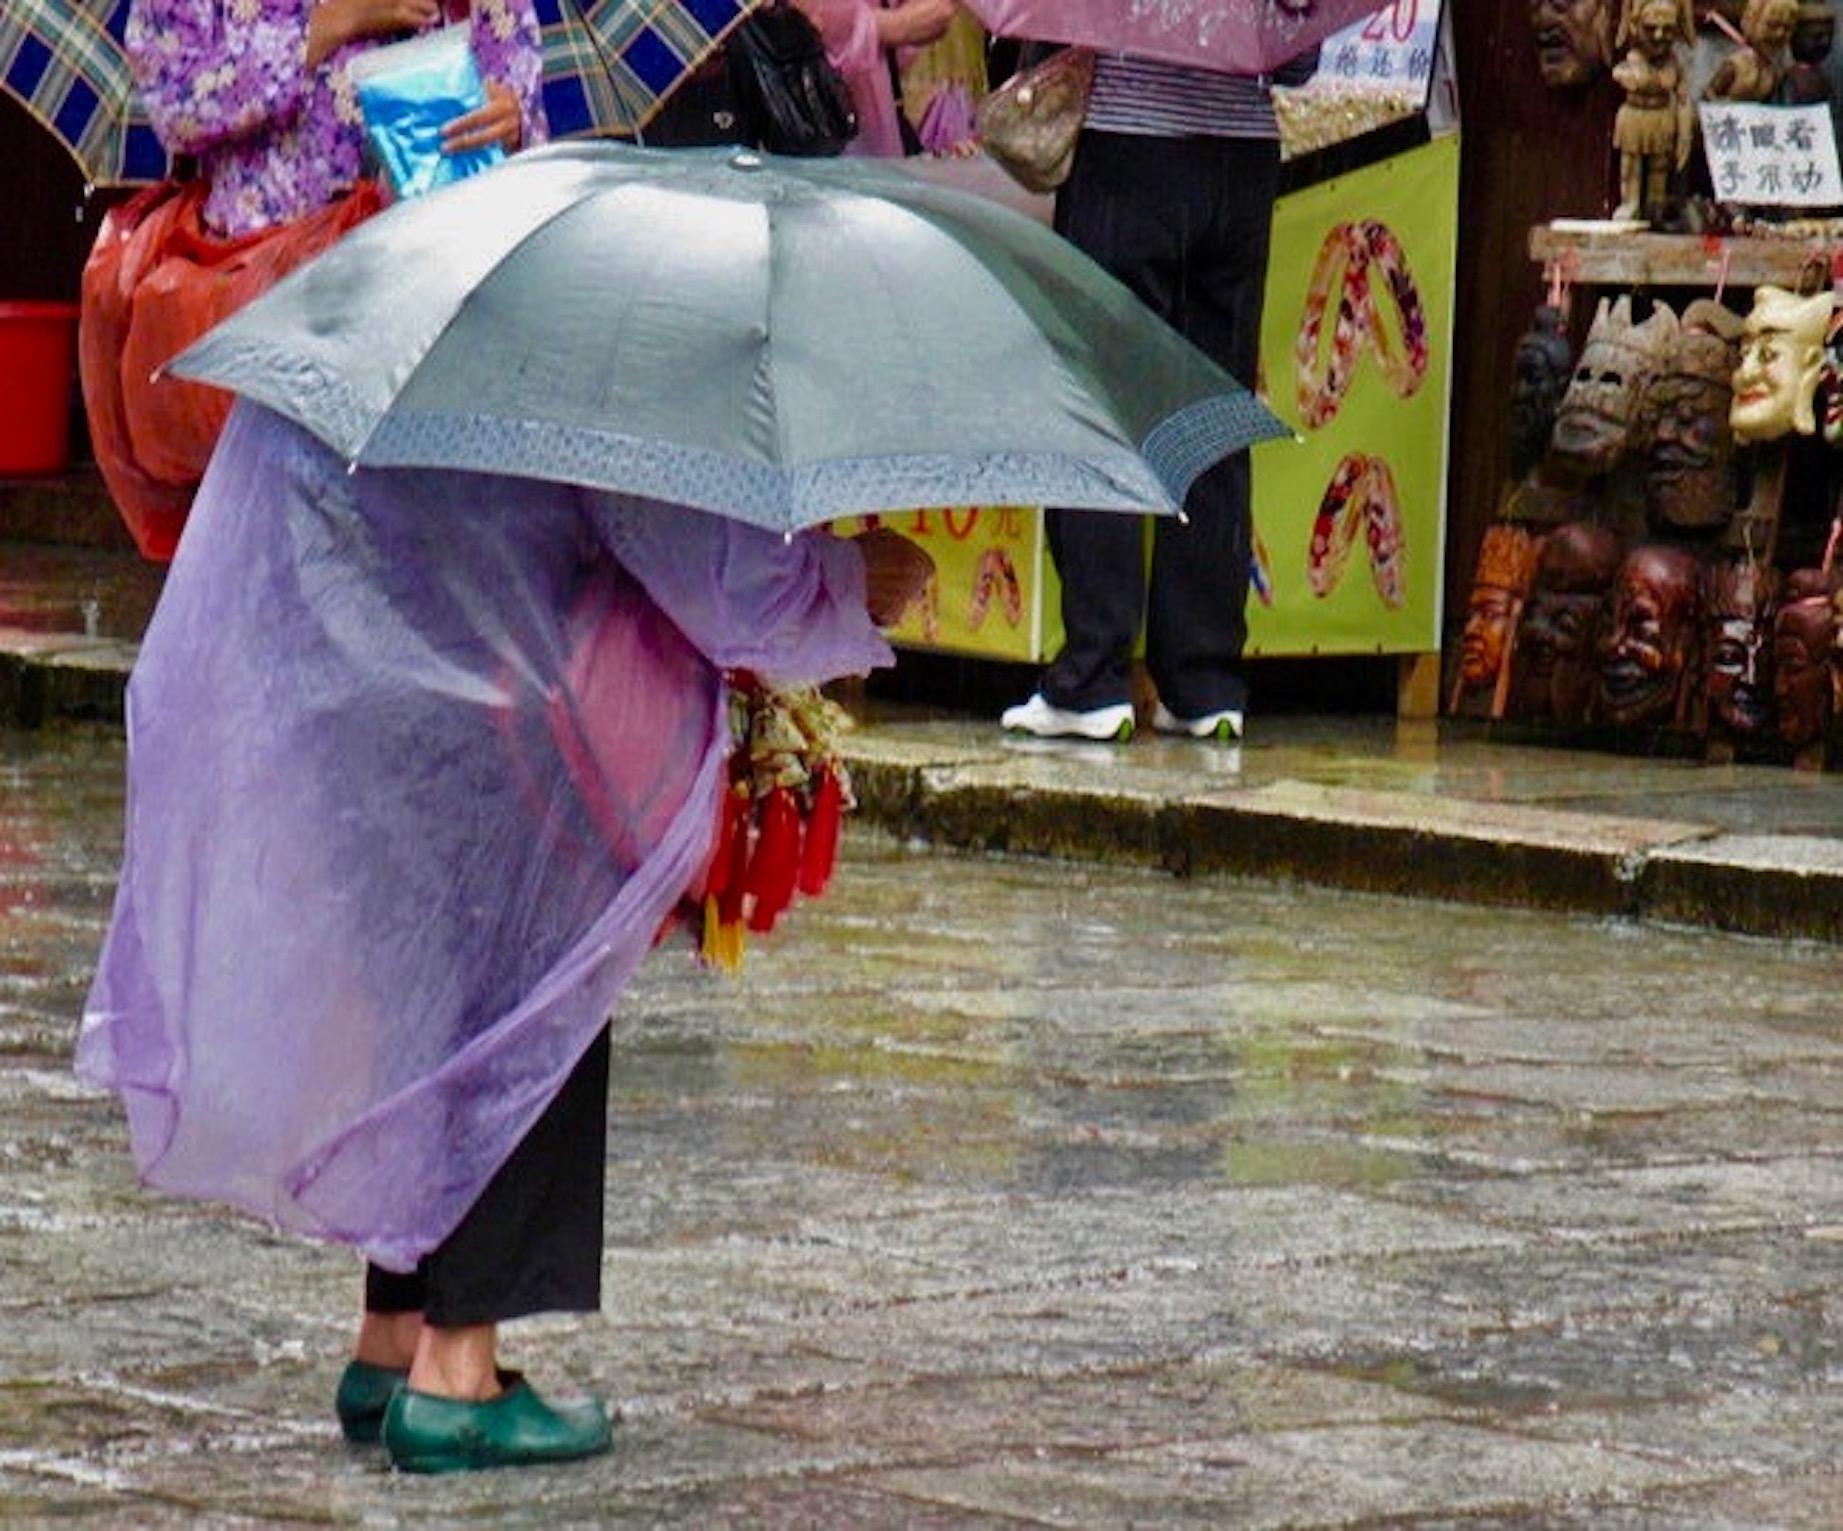 Rainy day Yangshuo Town Guangxi China